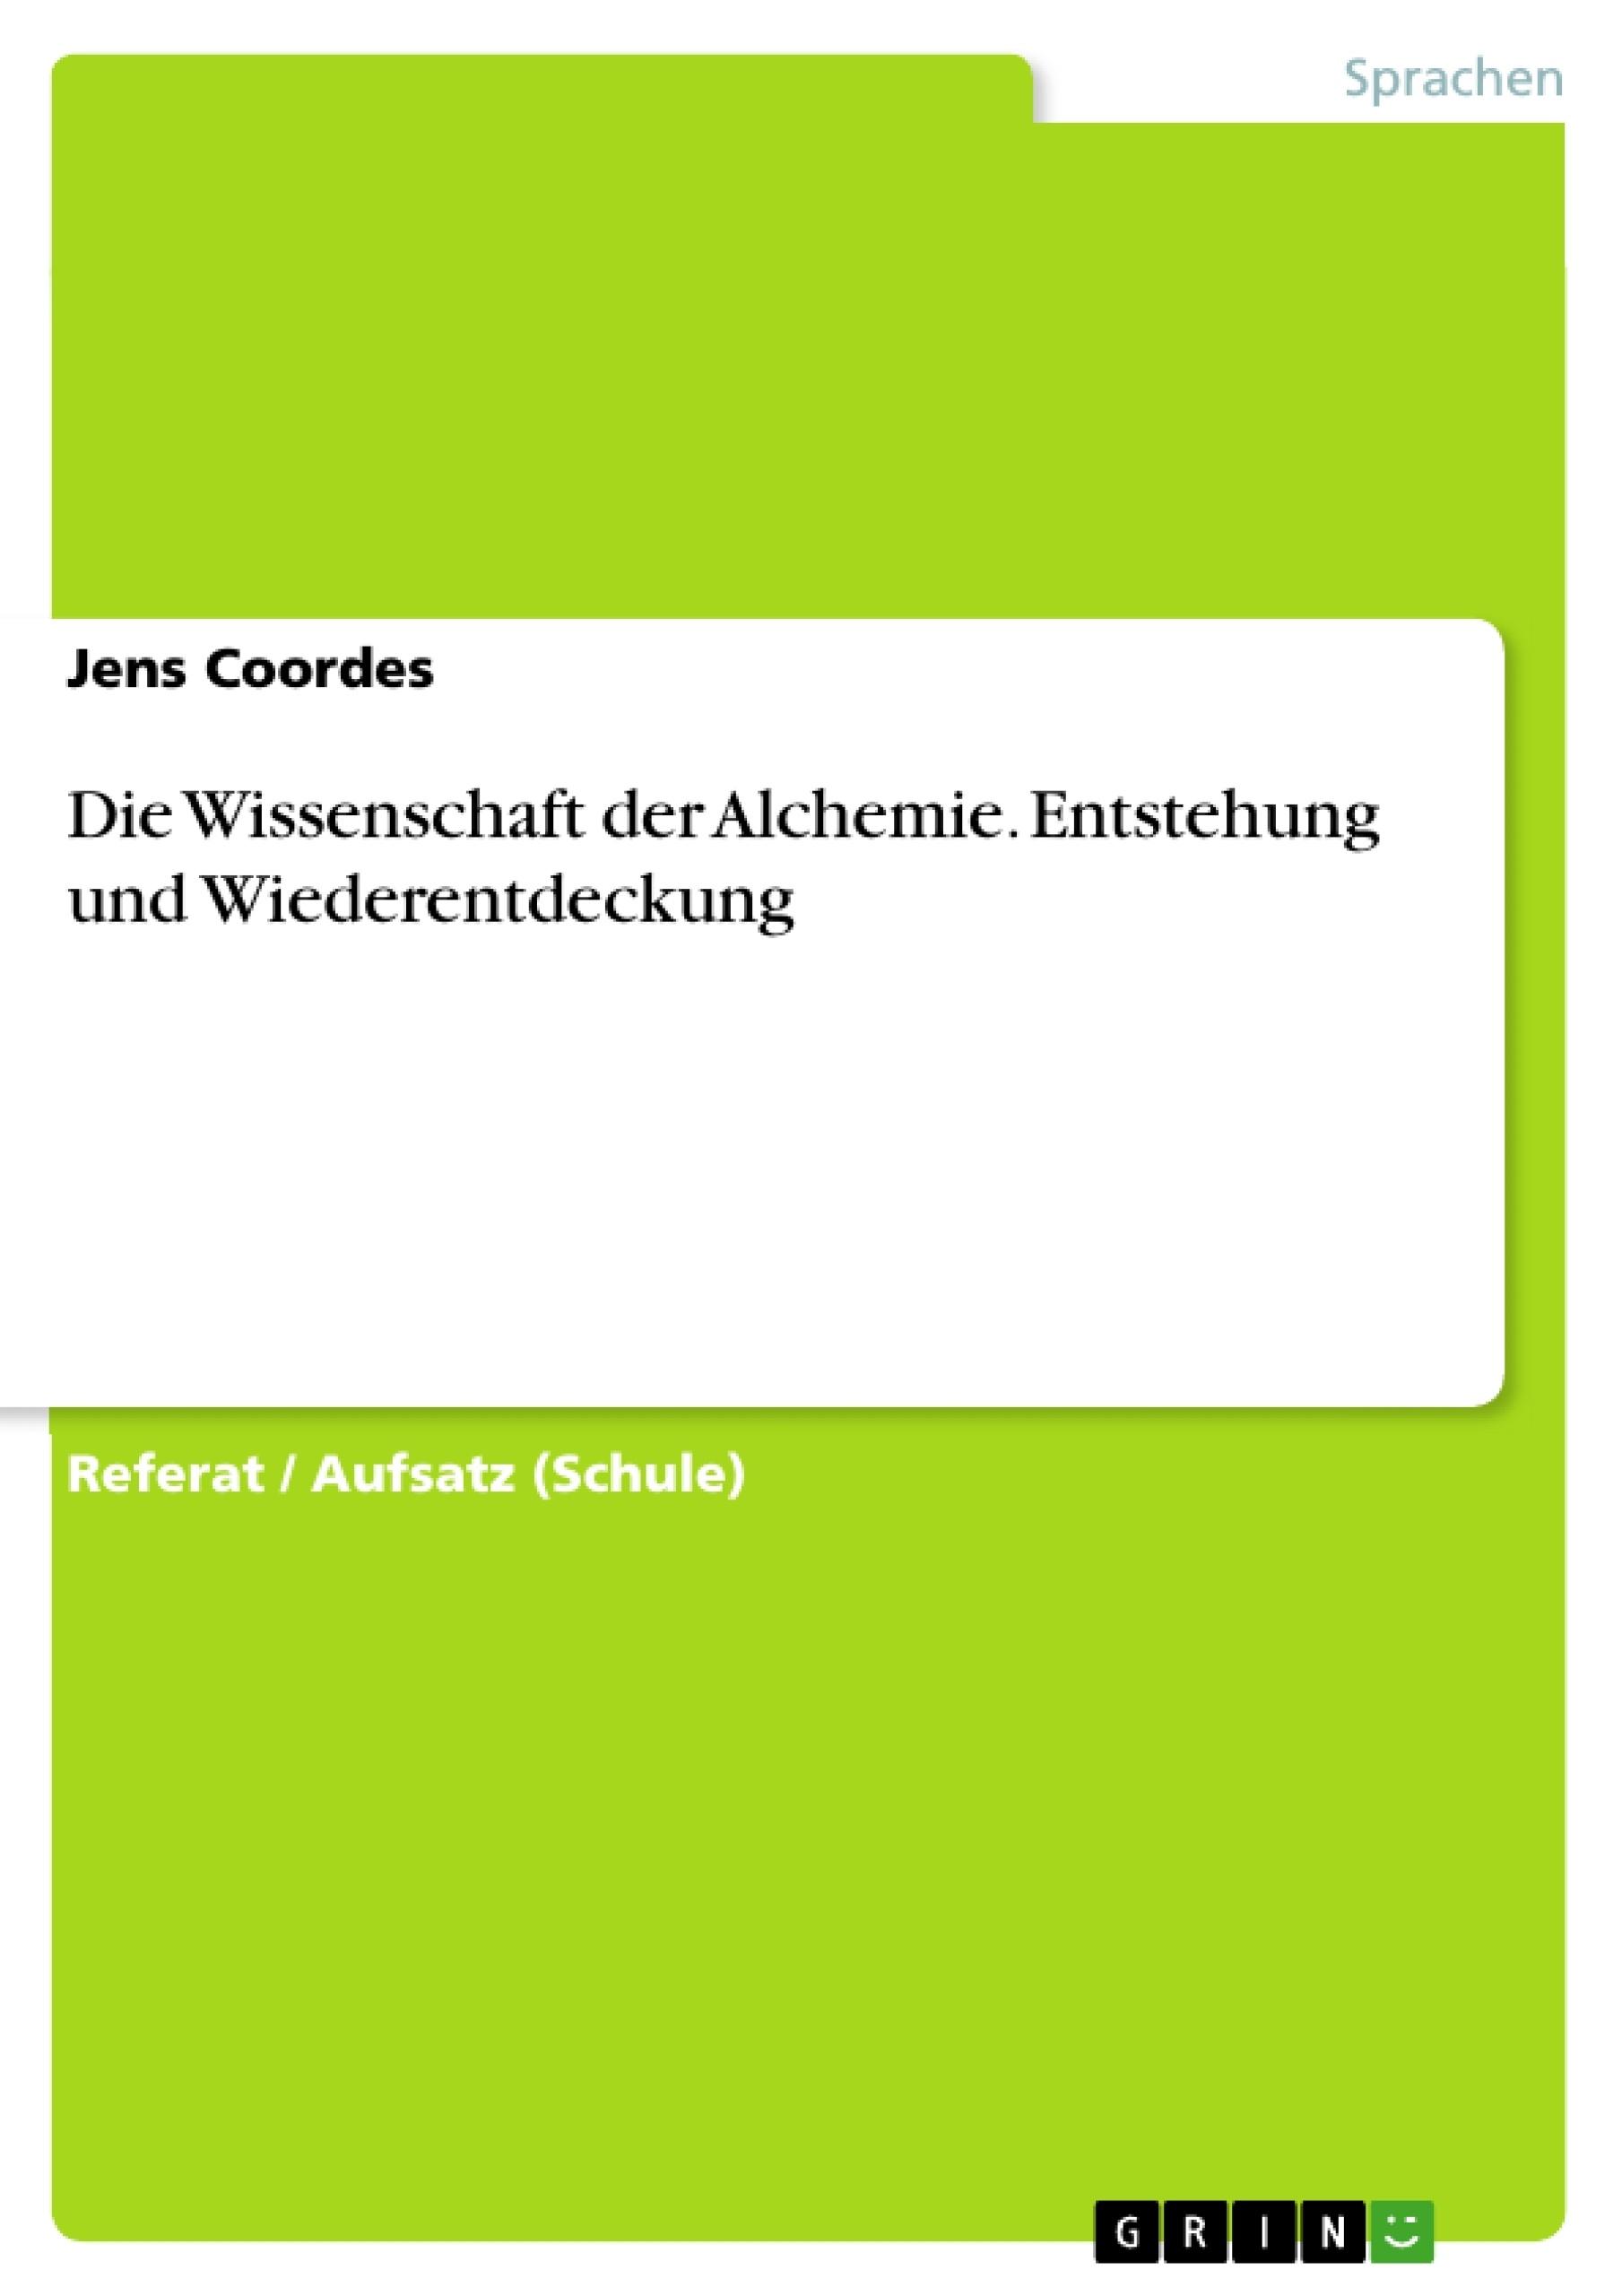 Titel: Die Wissenschaft der Alchemie. Entstehung und  Wiederentdeckung